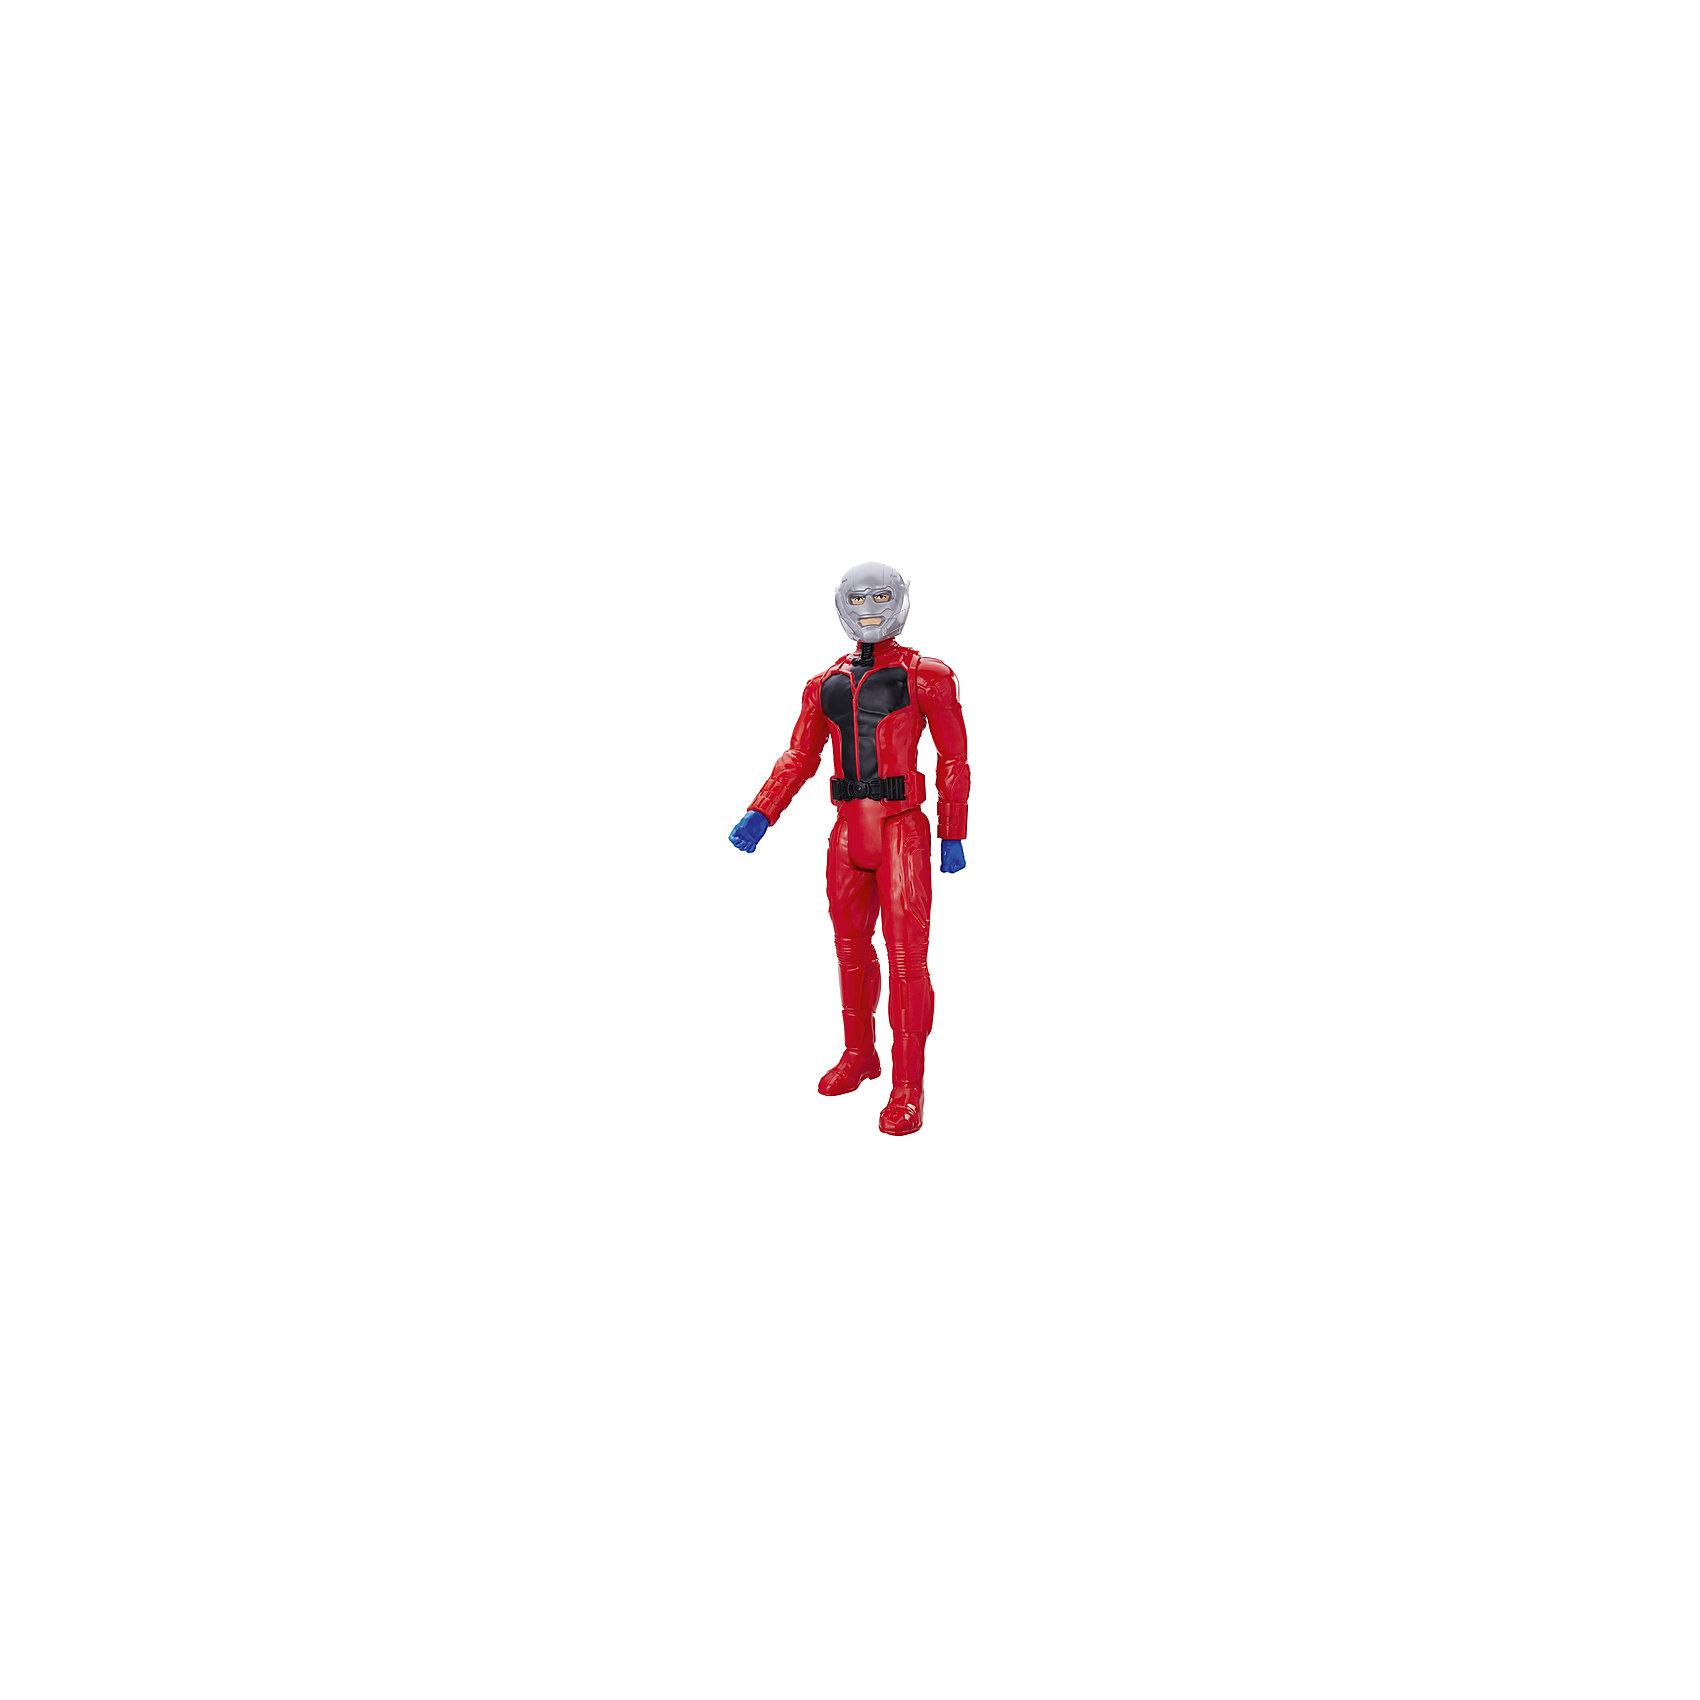 Фигурка Мстители Hasbro Титаны, Человек-муравейФигурки из мультфильмов<br>Характеристики:<br><br>• фигурка героя из цикла мультфильмов Мстители для мальчиков;<br>• руки и ноги подвижны;<br>• голова поворачивается;<br>• имеются точки артикуляции;<br>• герой может принимать различные позы;<br>• игрушка изготовлена из прочтного пластика;<br>• в комплекте оружие;<br>• высота Титана: 30 см;<br>• размер упаковки: 30,5х10,5х5,5 см.<br><br>Фигурку Титаны, Мстители Hasbro хасбро можно купить в нашем интернет-магазине.<br><br>Ширина мм: 306<br>Глубина мм: 104<br>Высота мм: 55<br>Вес г: 258<br>Возраст от месяцев: 48<br>Возраст до месяцев: 96<br>Пол: Мужской<br>Возраст: Детский<br>SKU: 7129378